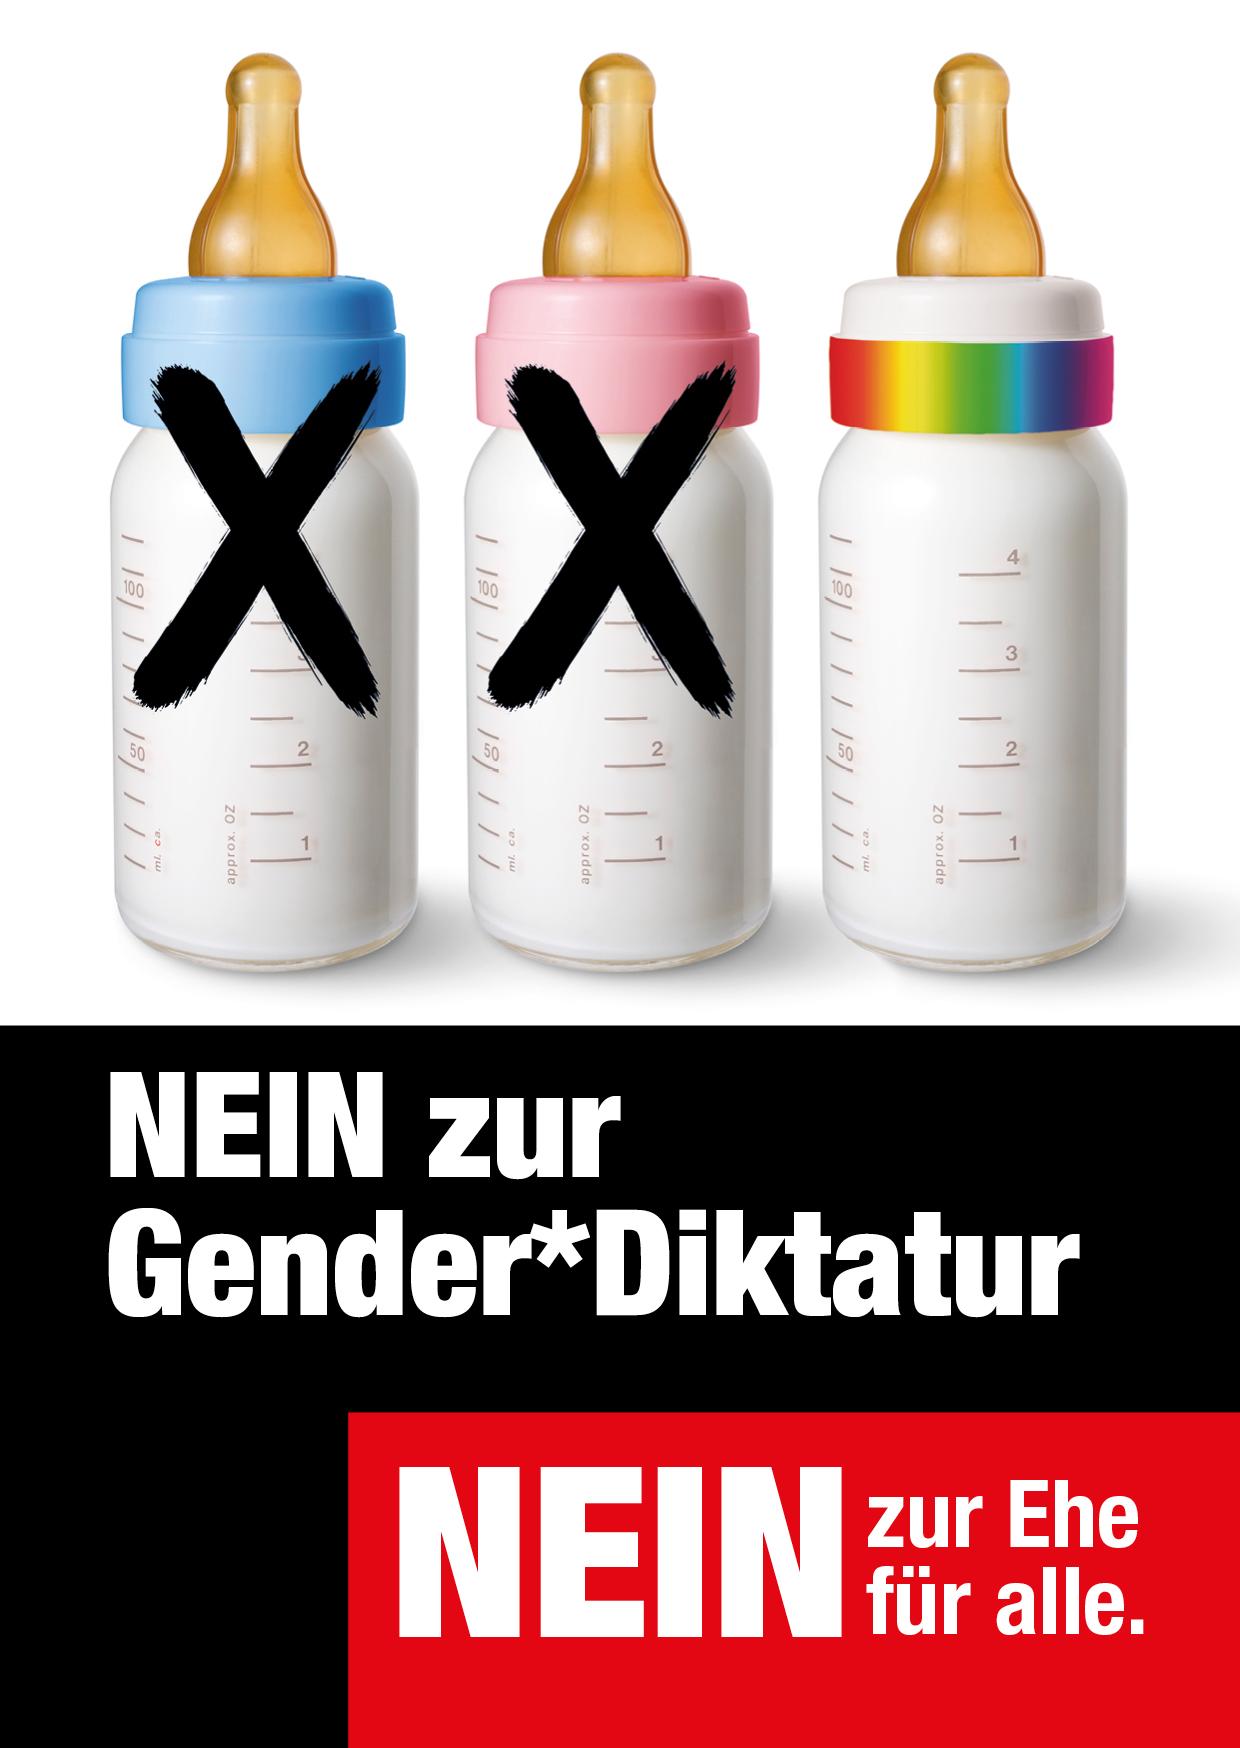 Sujet «Gender-Diktatur Nein»